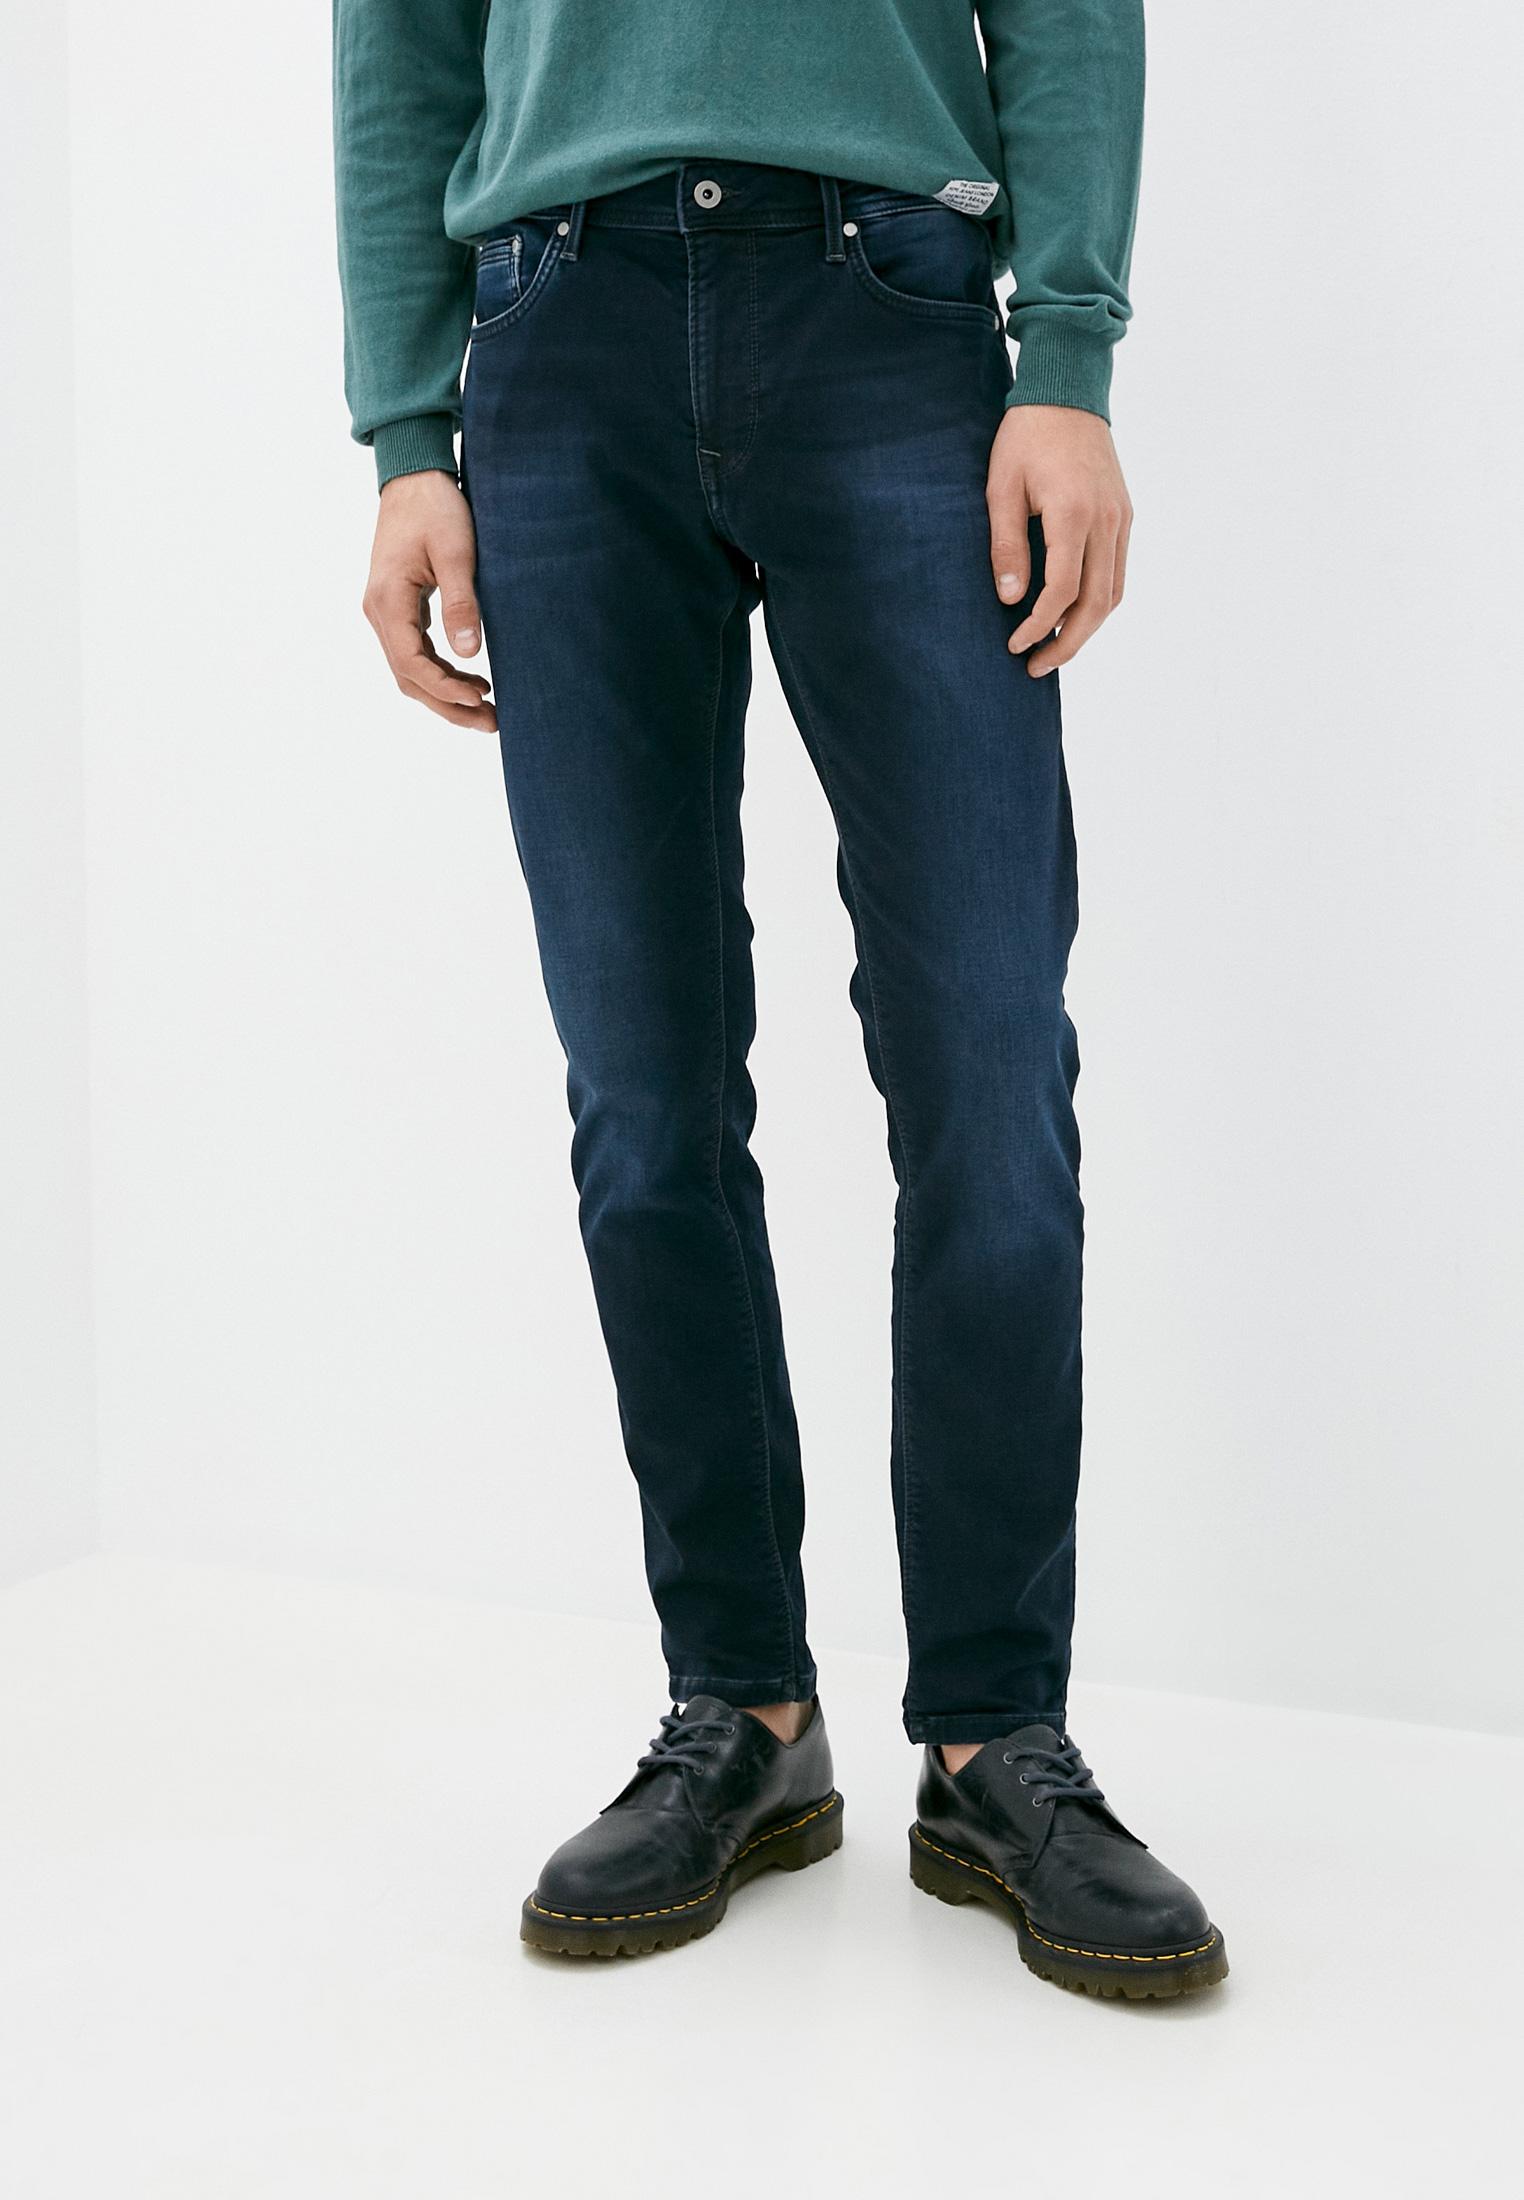 Зауженные джинсы Pepe Jeans (Пепе Джинс) PM201705XC1